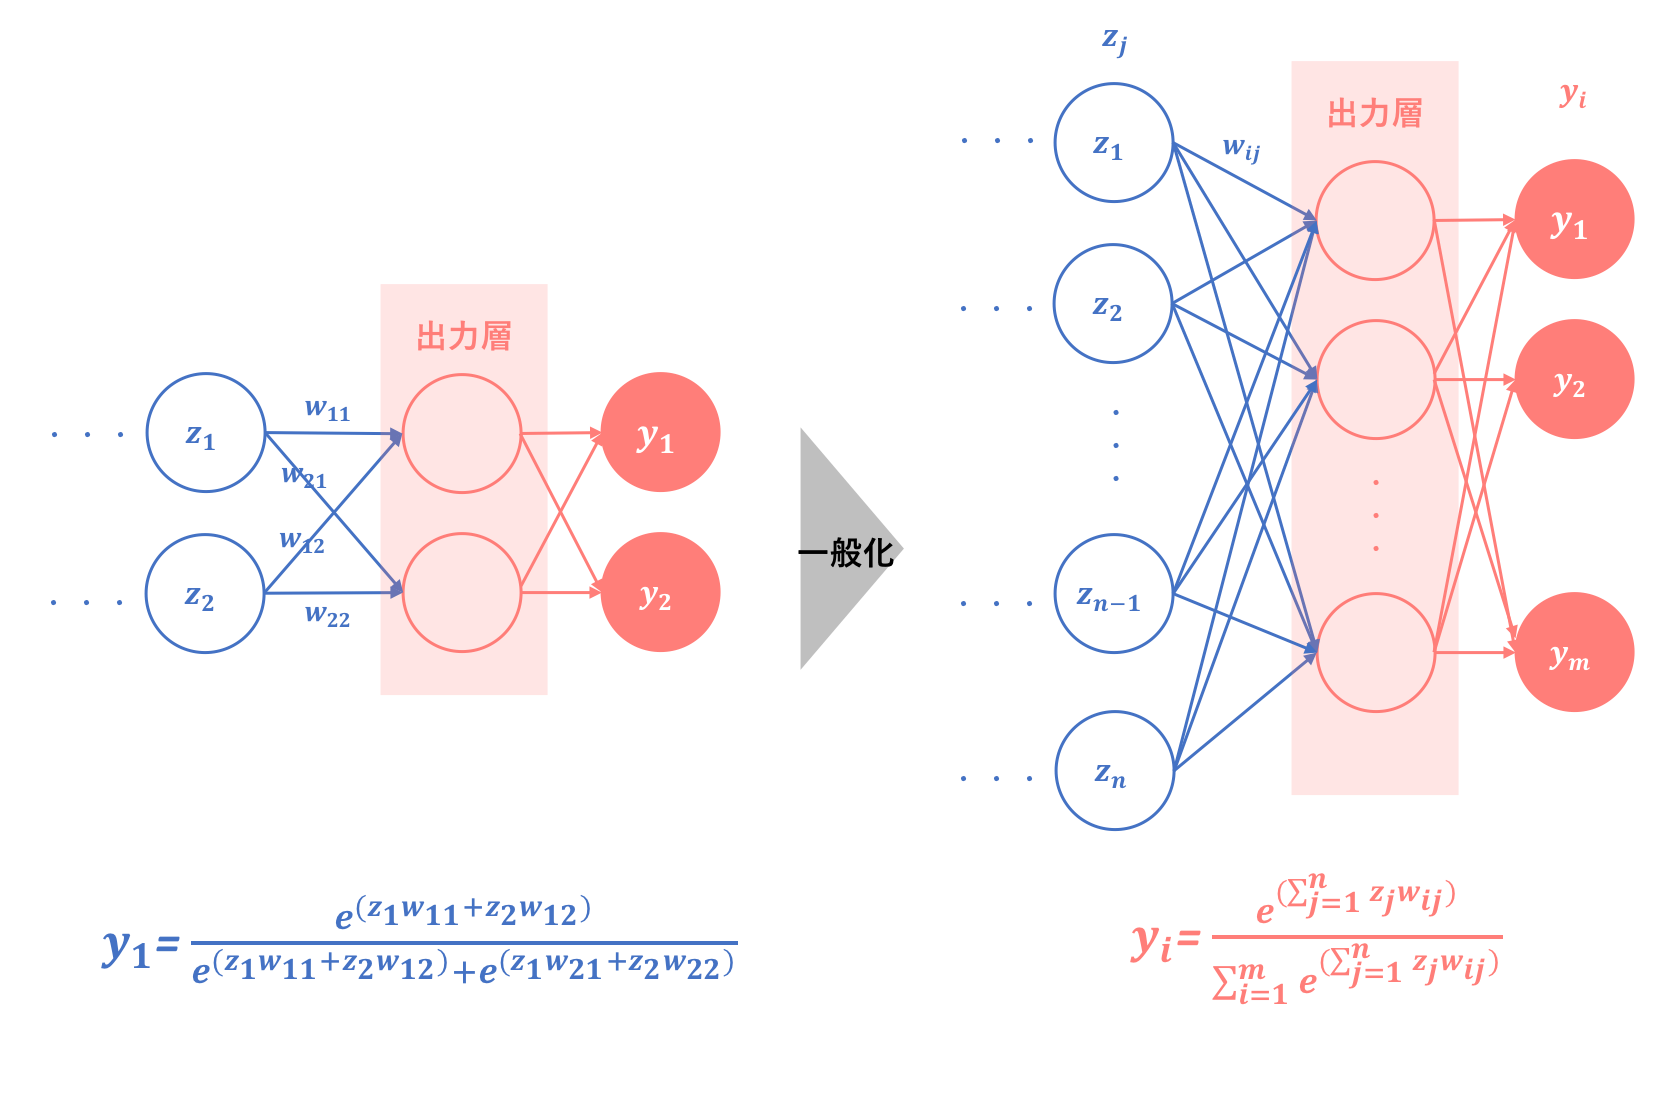 図21.png